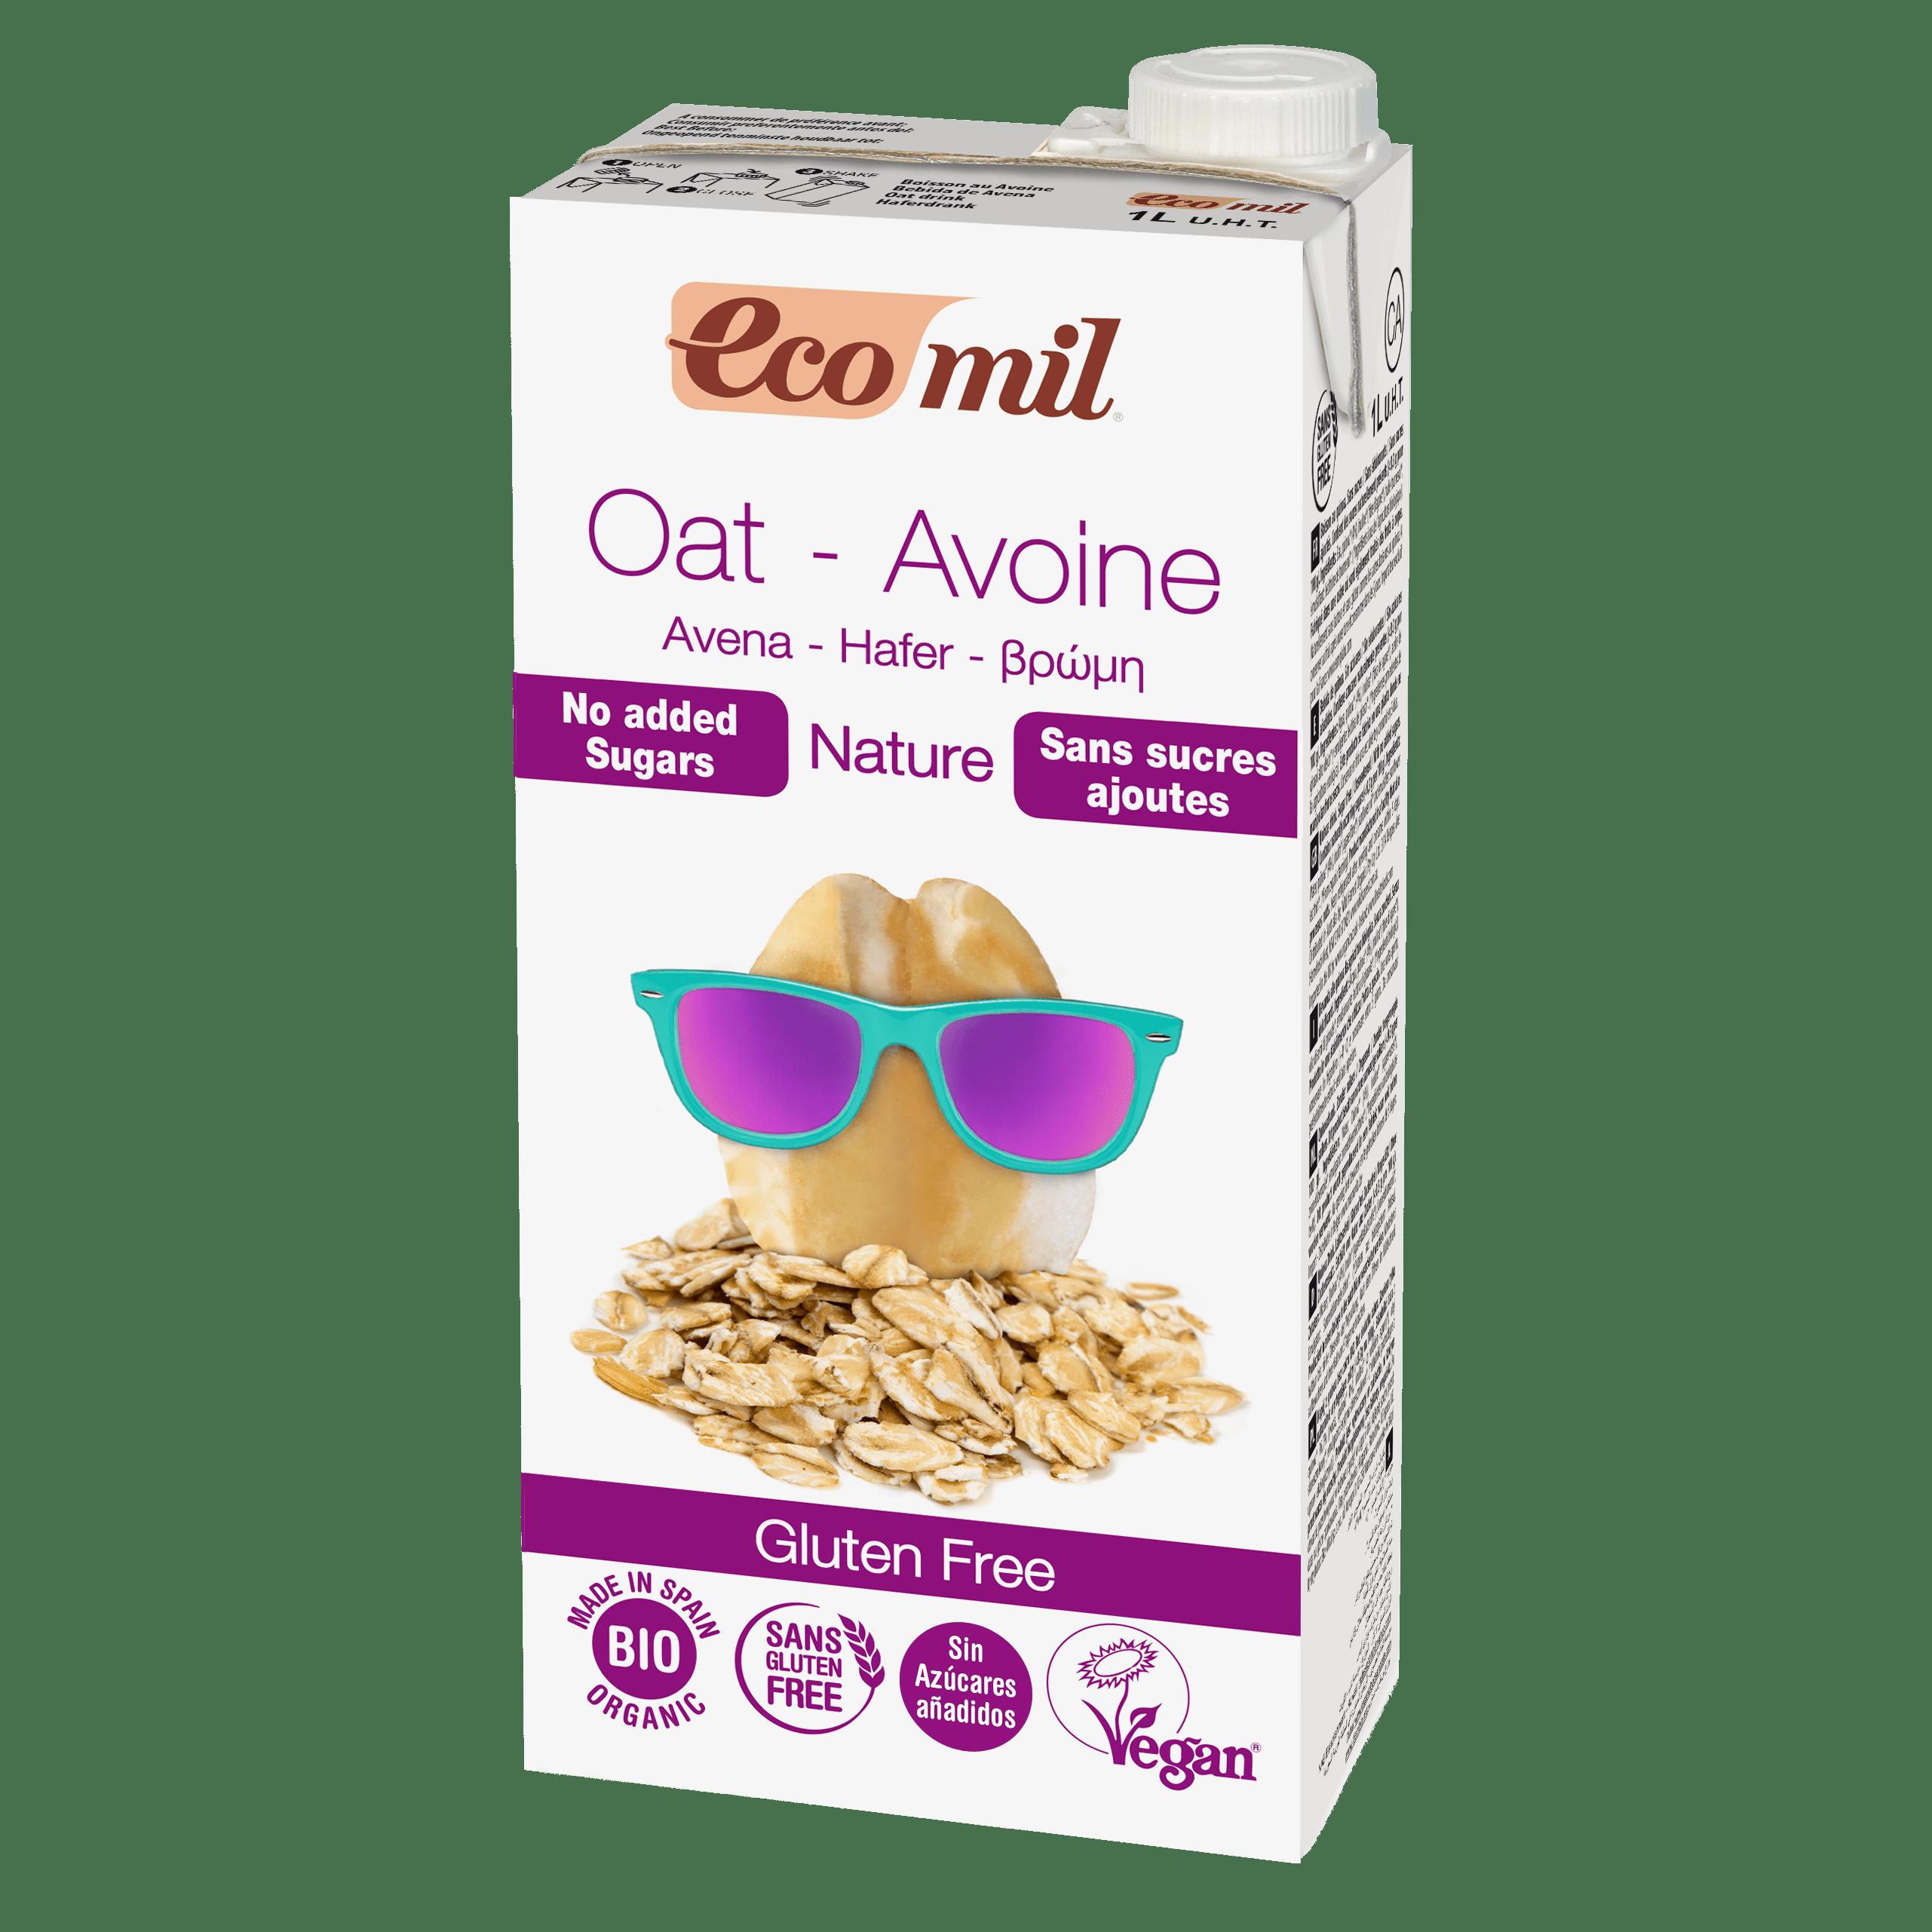 Органічне рослинне молоко з вівса без додавання цукру без та глютену, 1л - купить в интернет-магазине Юнимед